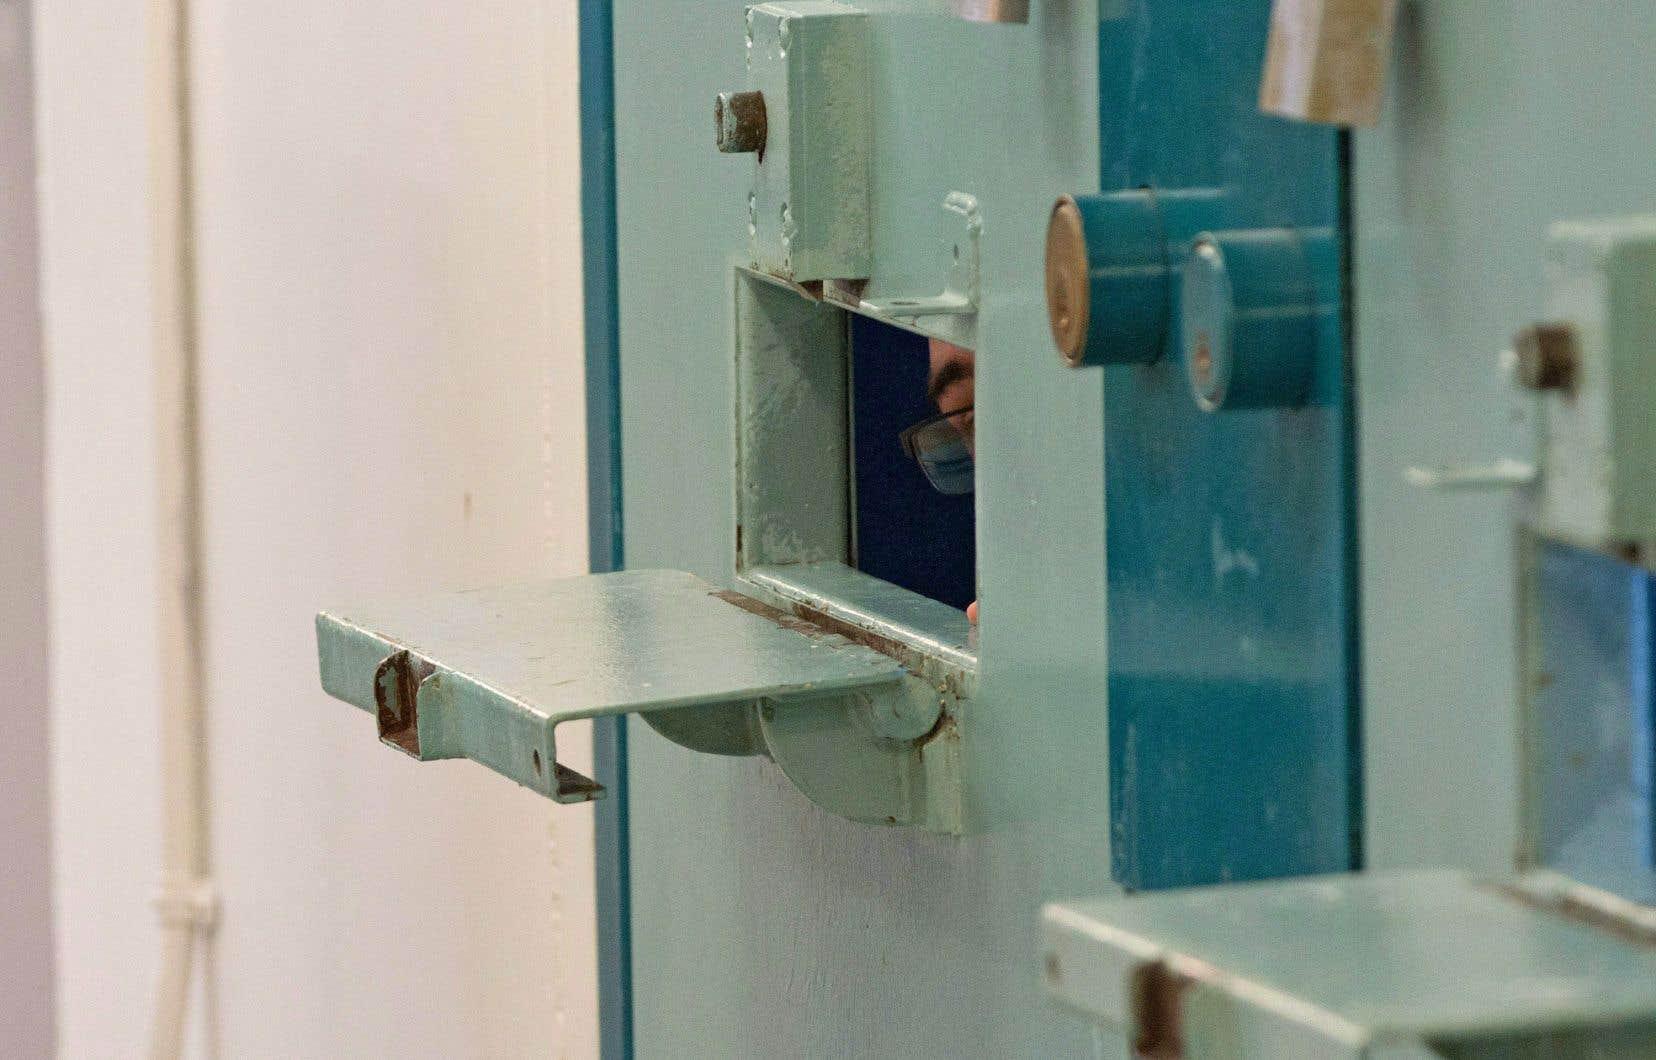 Un juge avait conclu en janvier que l'isolement cellulaire indéfini peut causer de graves séquelles psychologiques chez les détenus.